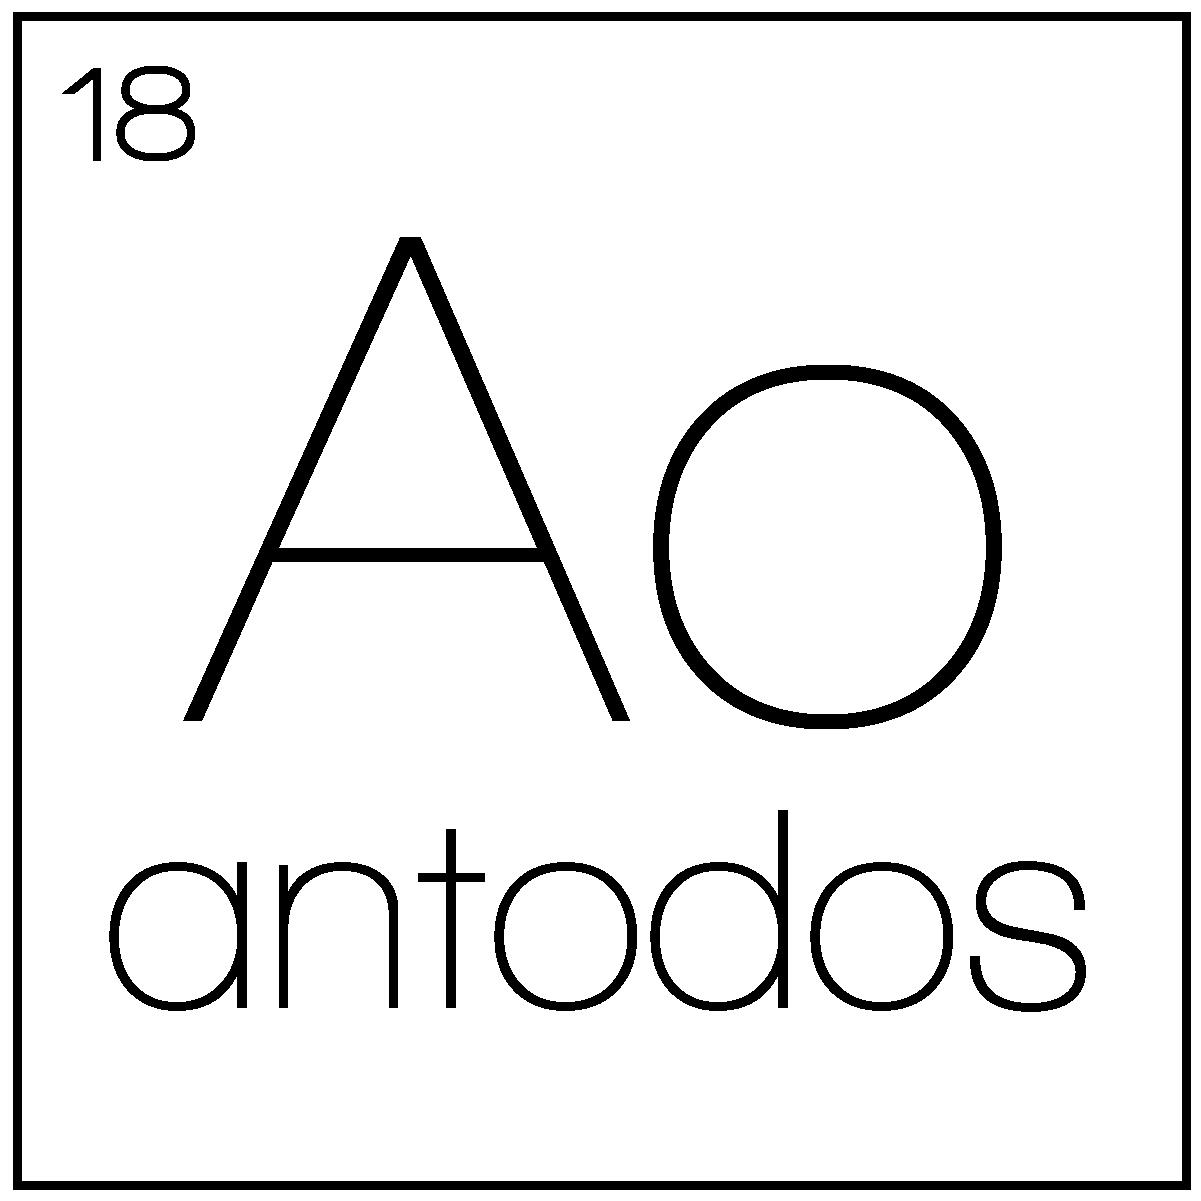 Antodos